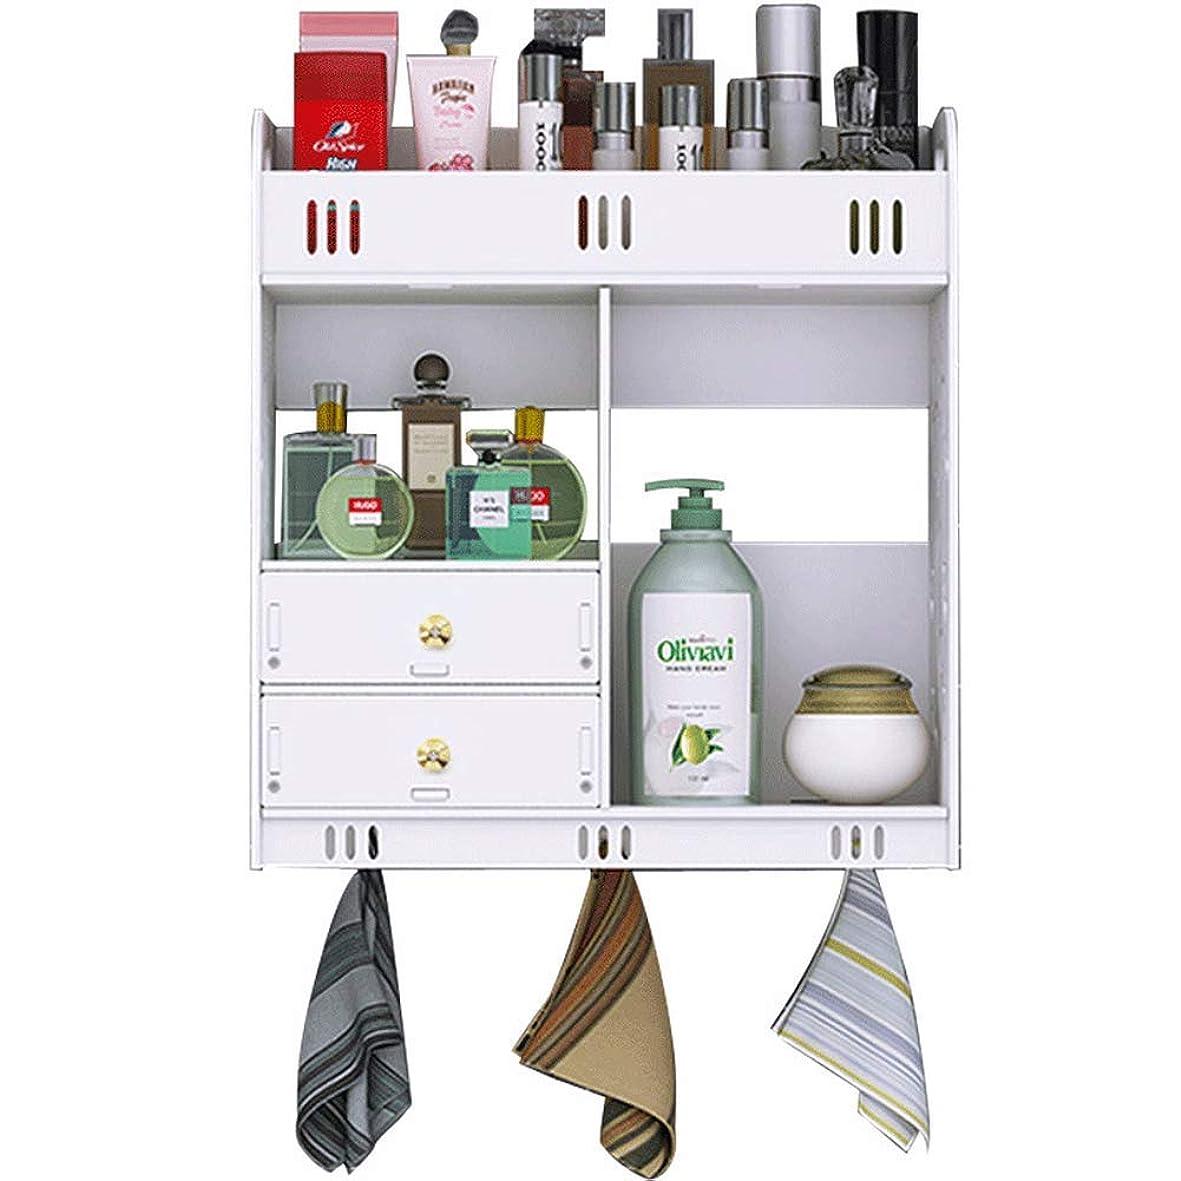 ましいスピリチュアル我慢するホーム化粧品収納壁棚バスルーム化粧品バスルームボックススキンケア製品バスルームラックトイレタリー収納ラック (ホワイト)